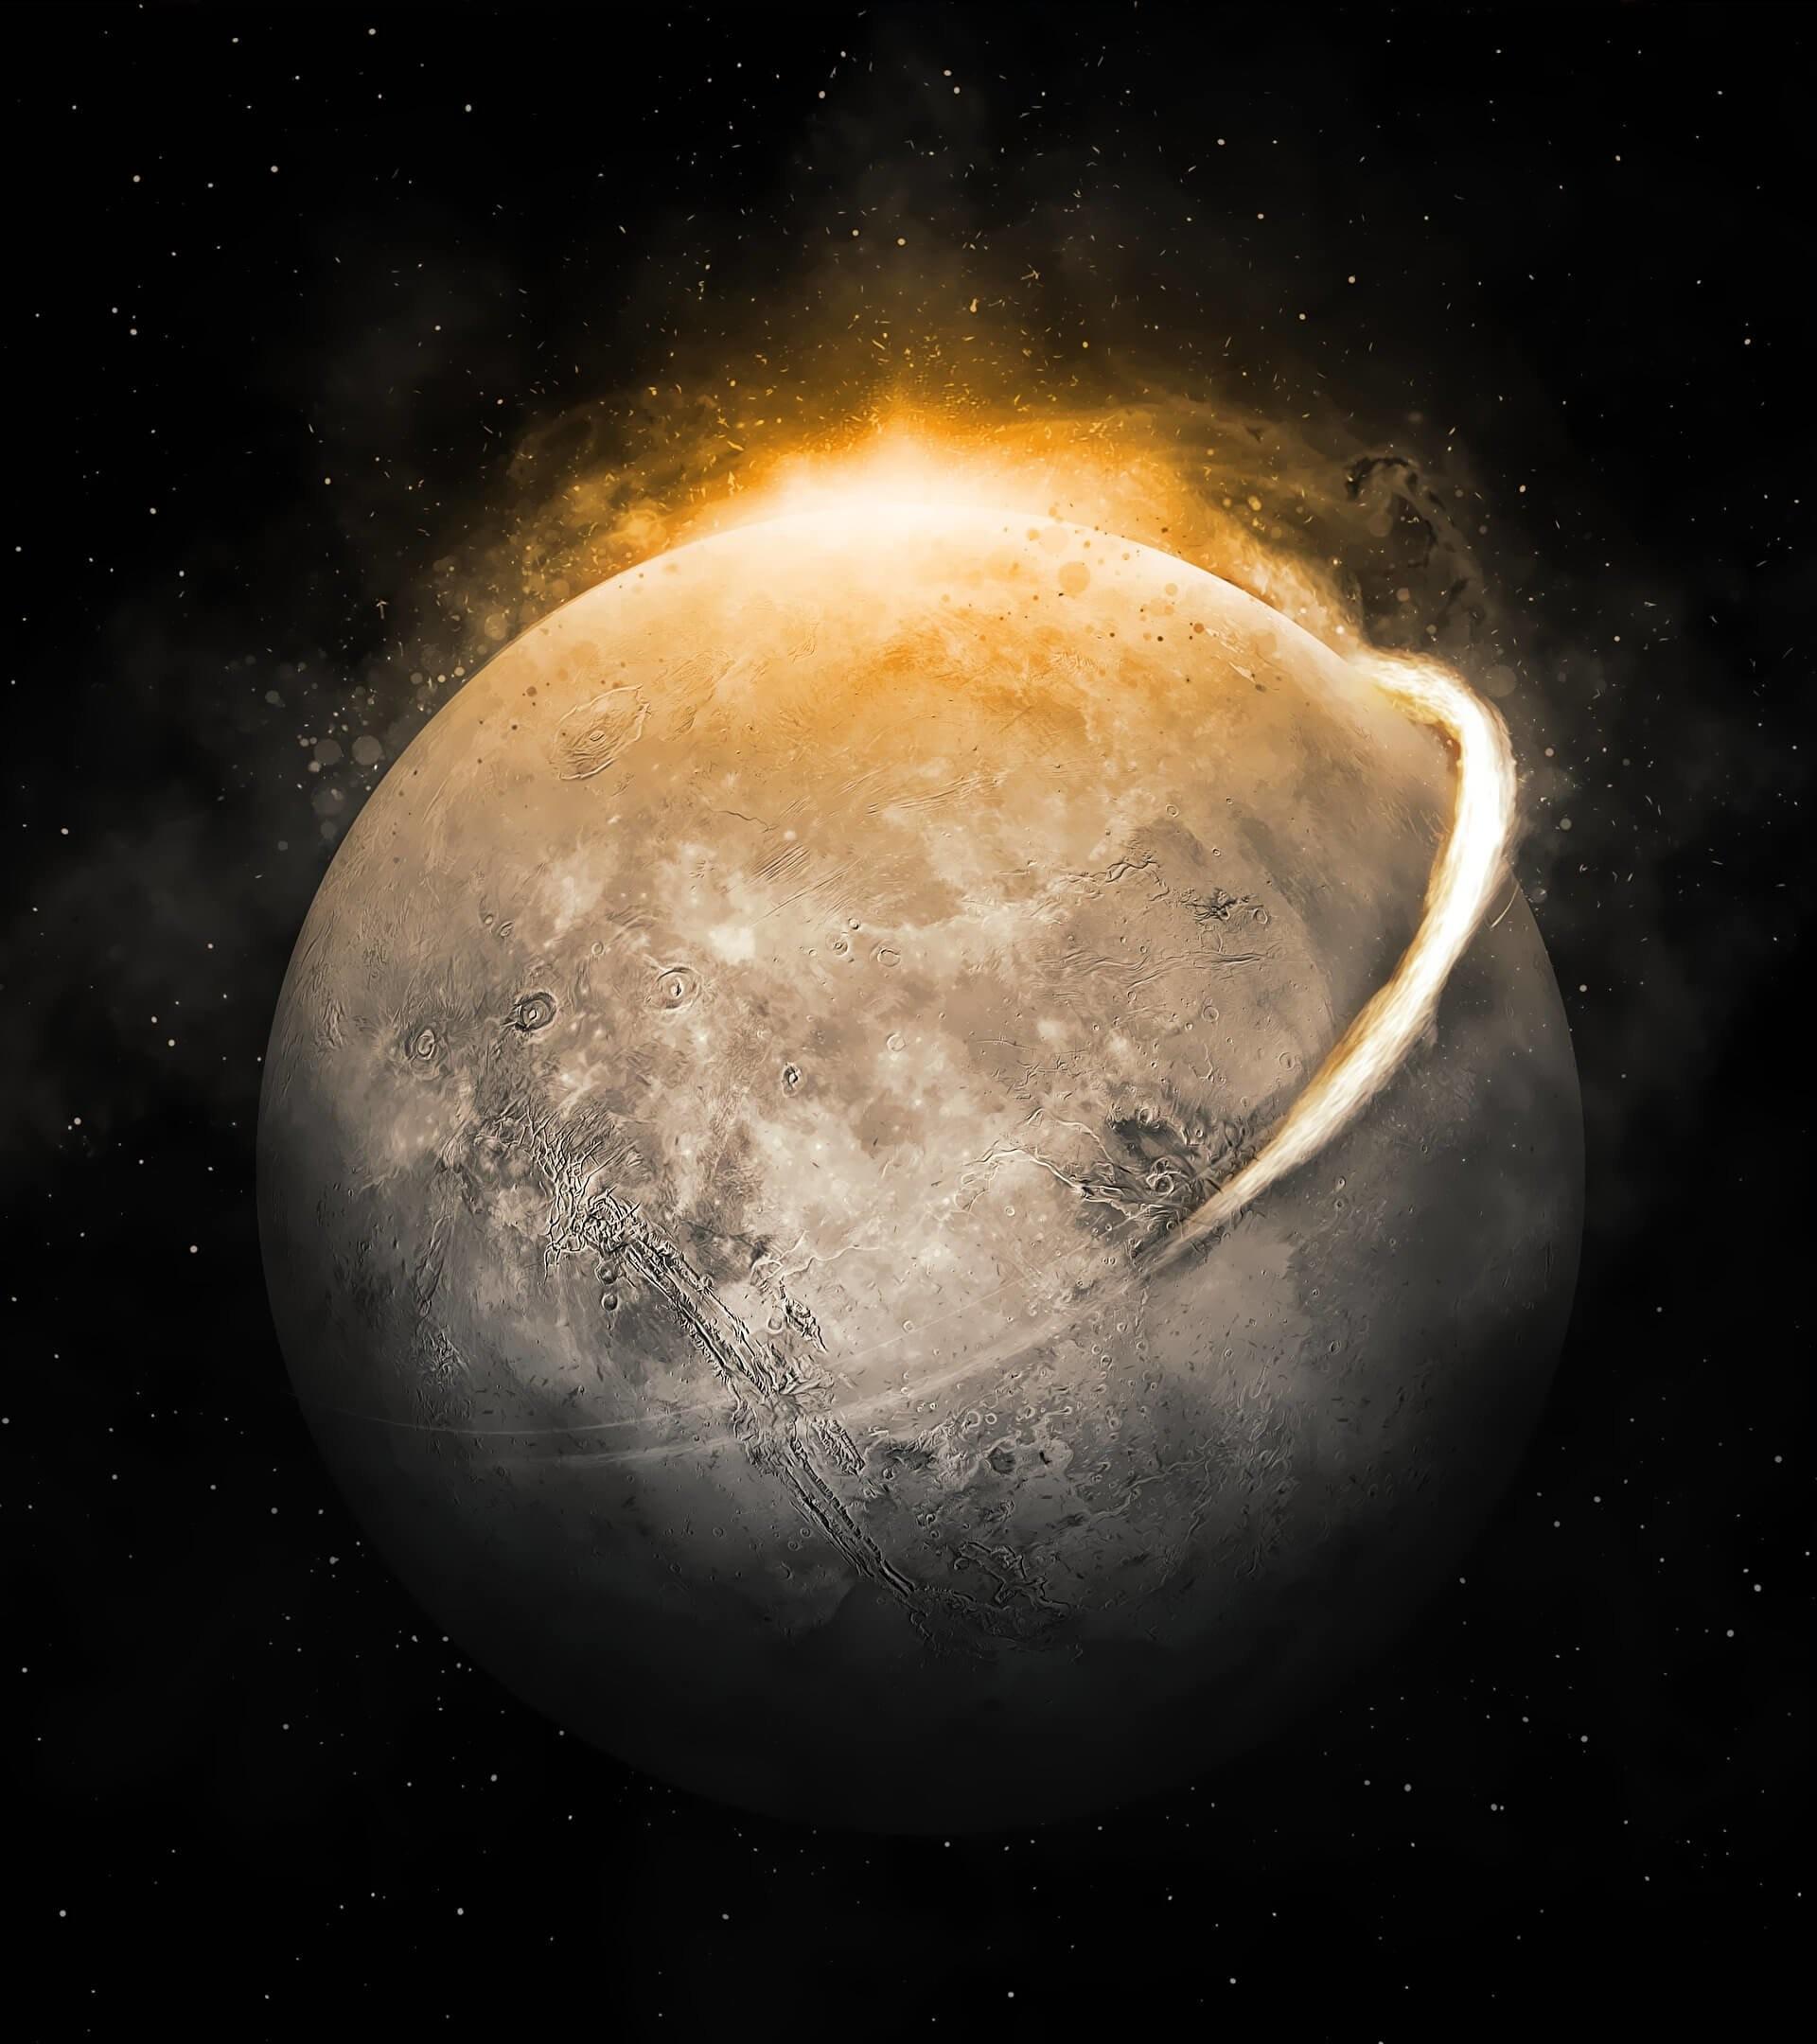 download moondust hd wallpaper for nexus 7